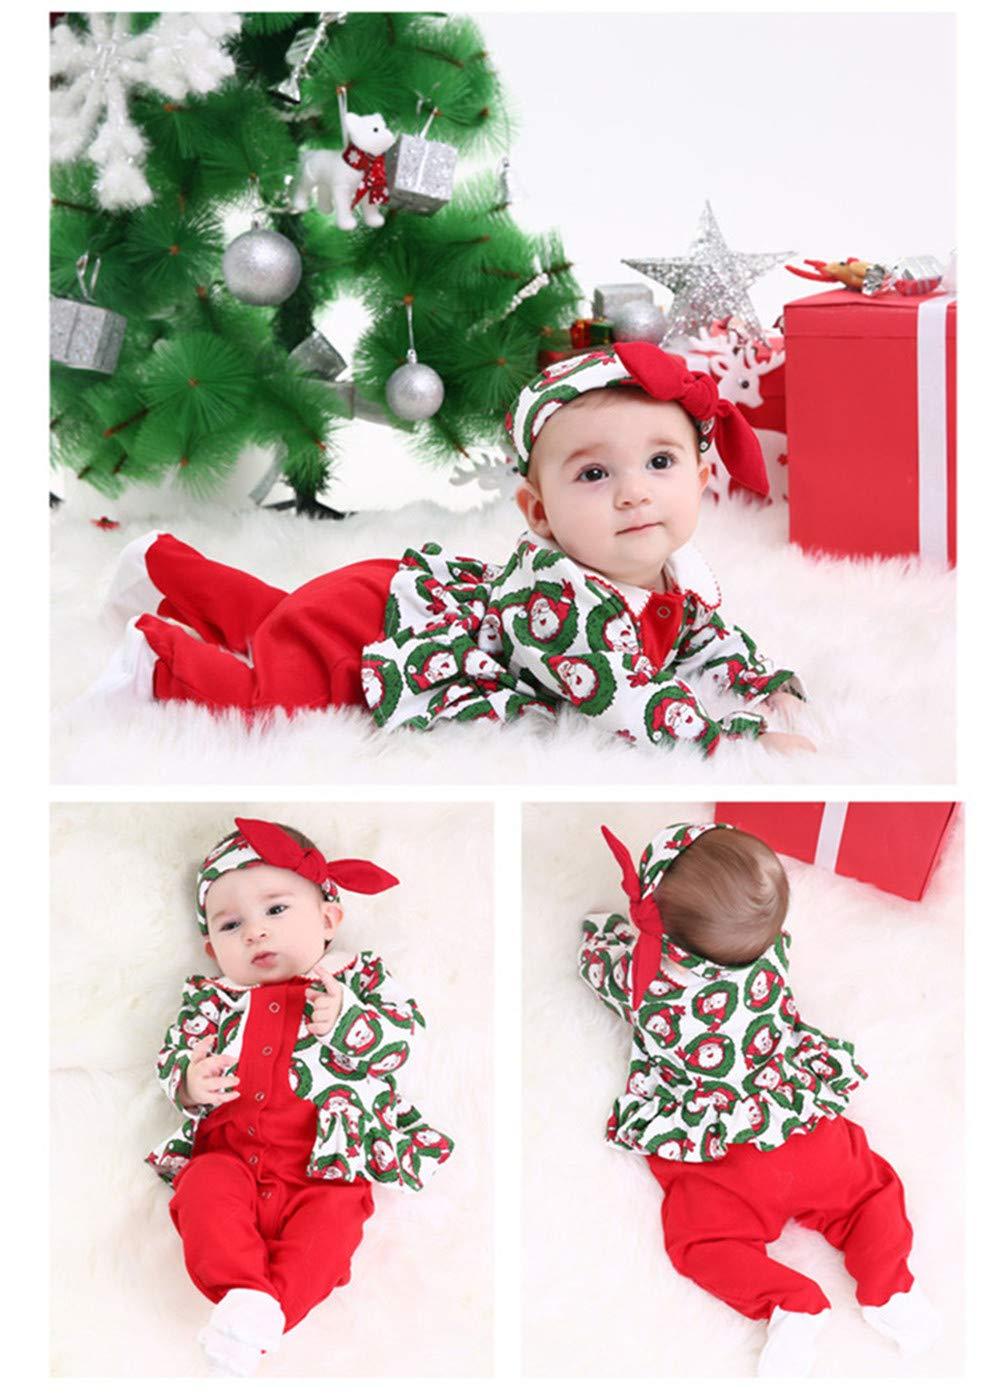 QSEFT® - Pelele de algodón + Diadema 2 Piezas de Manga Larga para recién Nacido, Traje de Navidad, Disfraz de Papá Noel, Ropa de bebé: Amazon.es: Deportes y ...